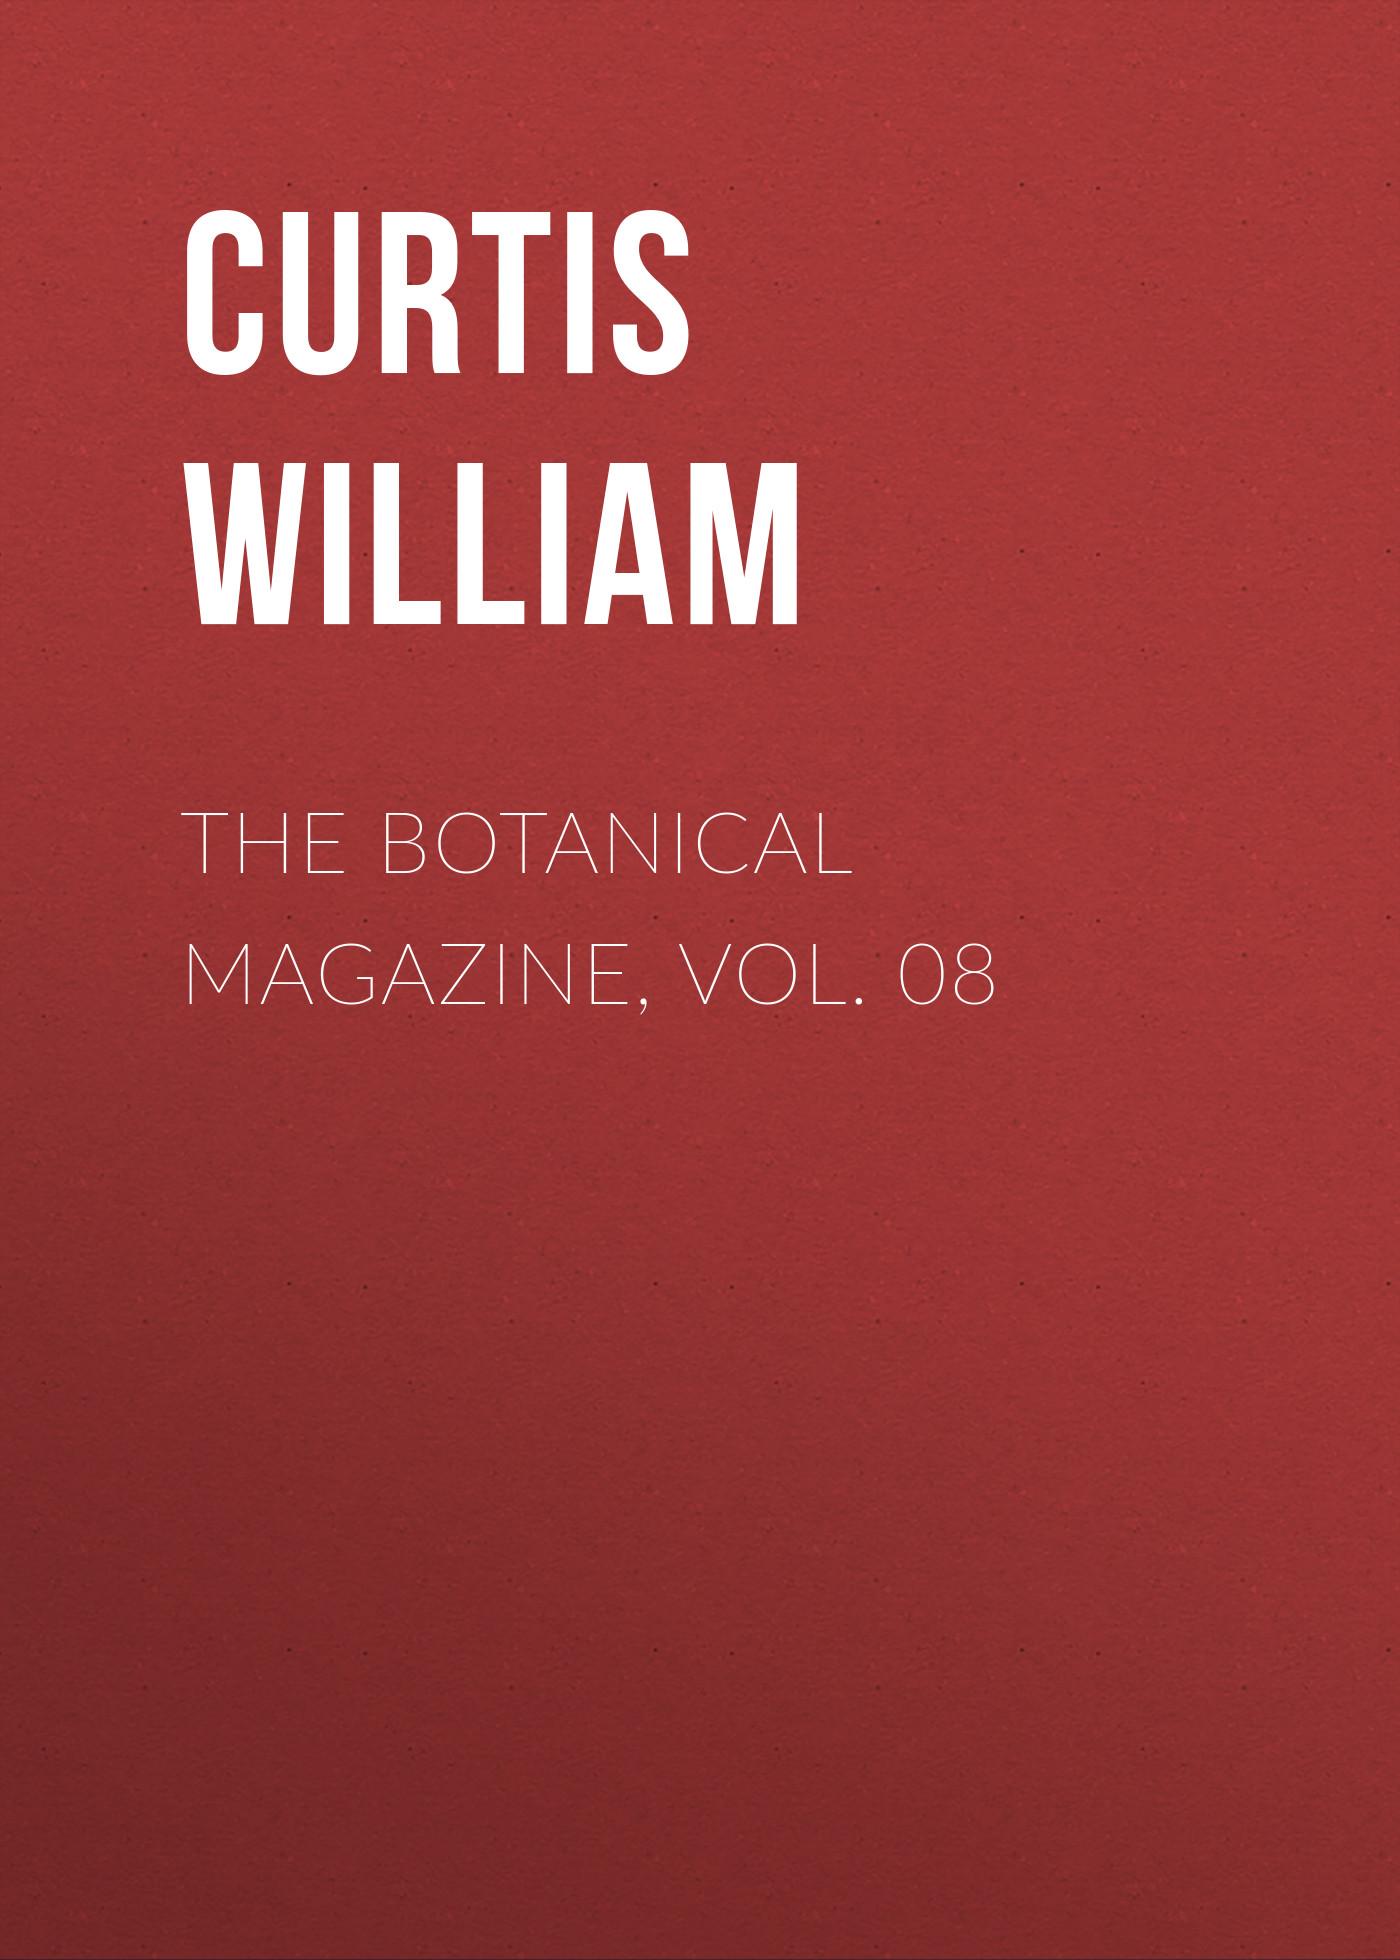 Curtis William The Botanical Magazine, Vol. 08